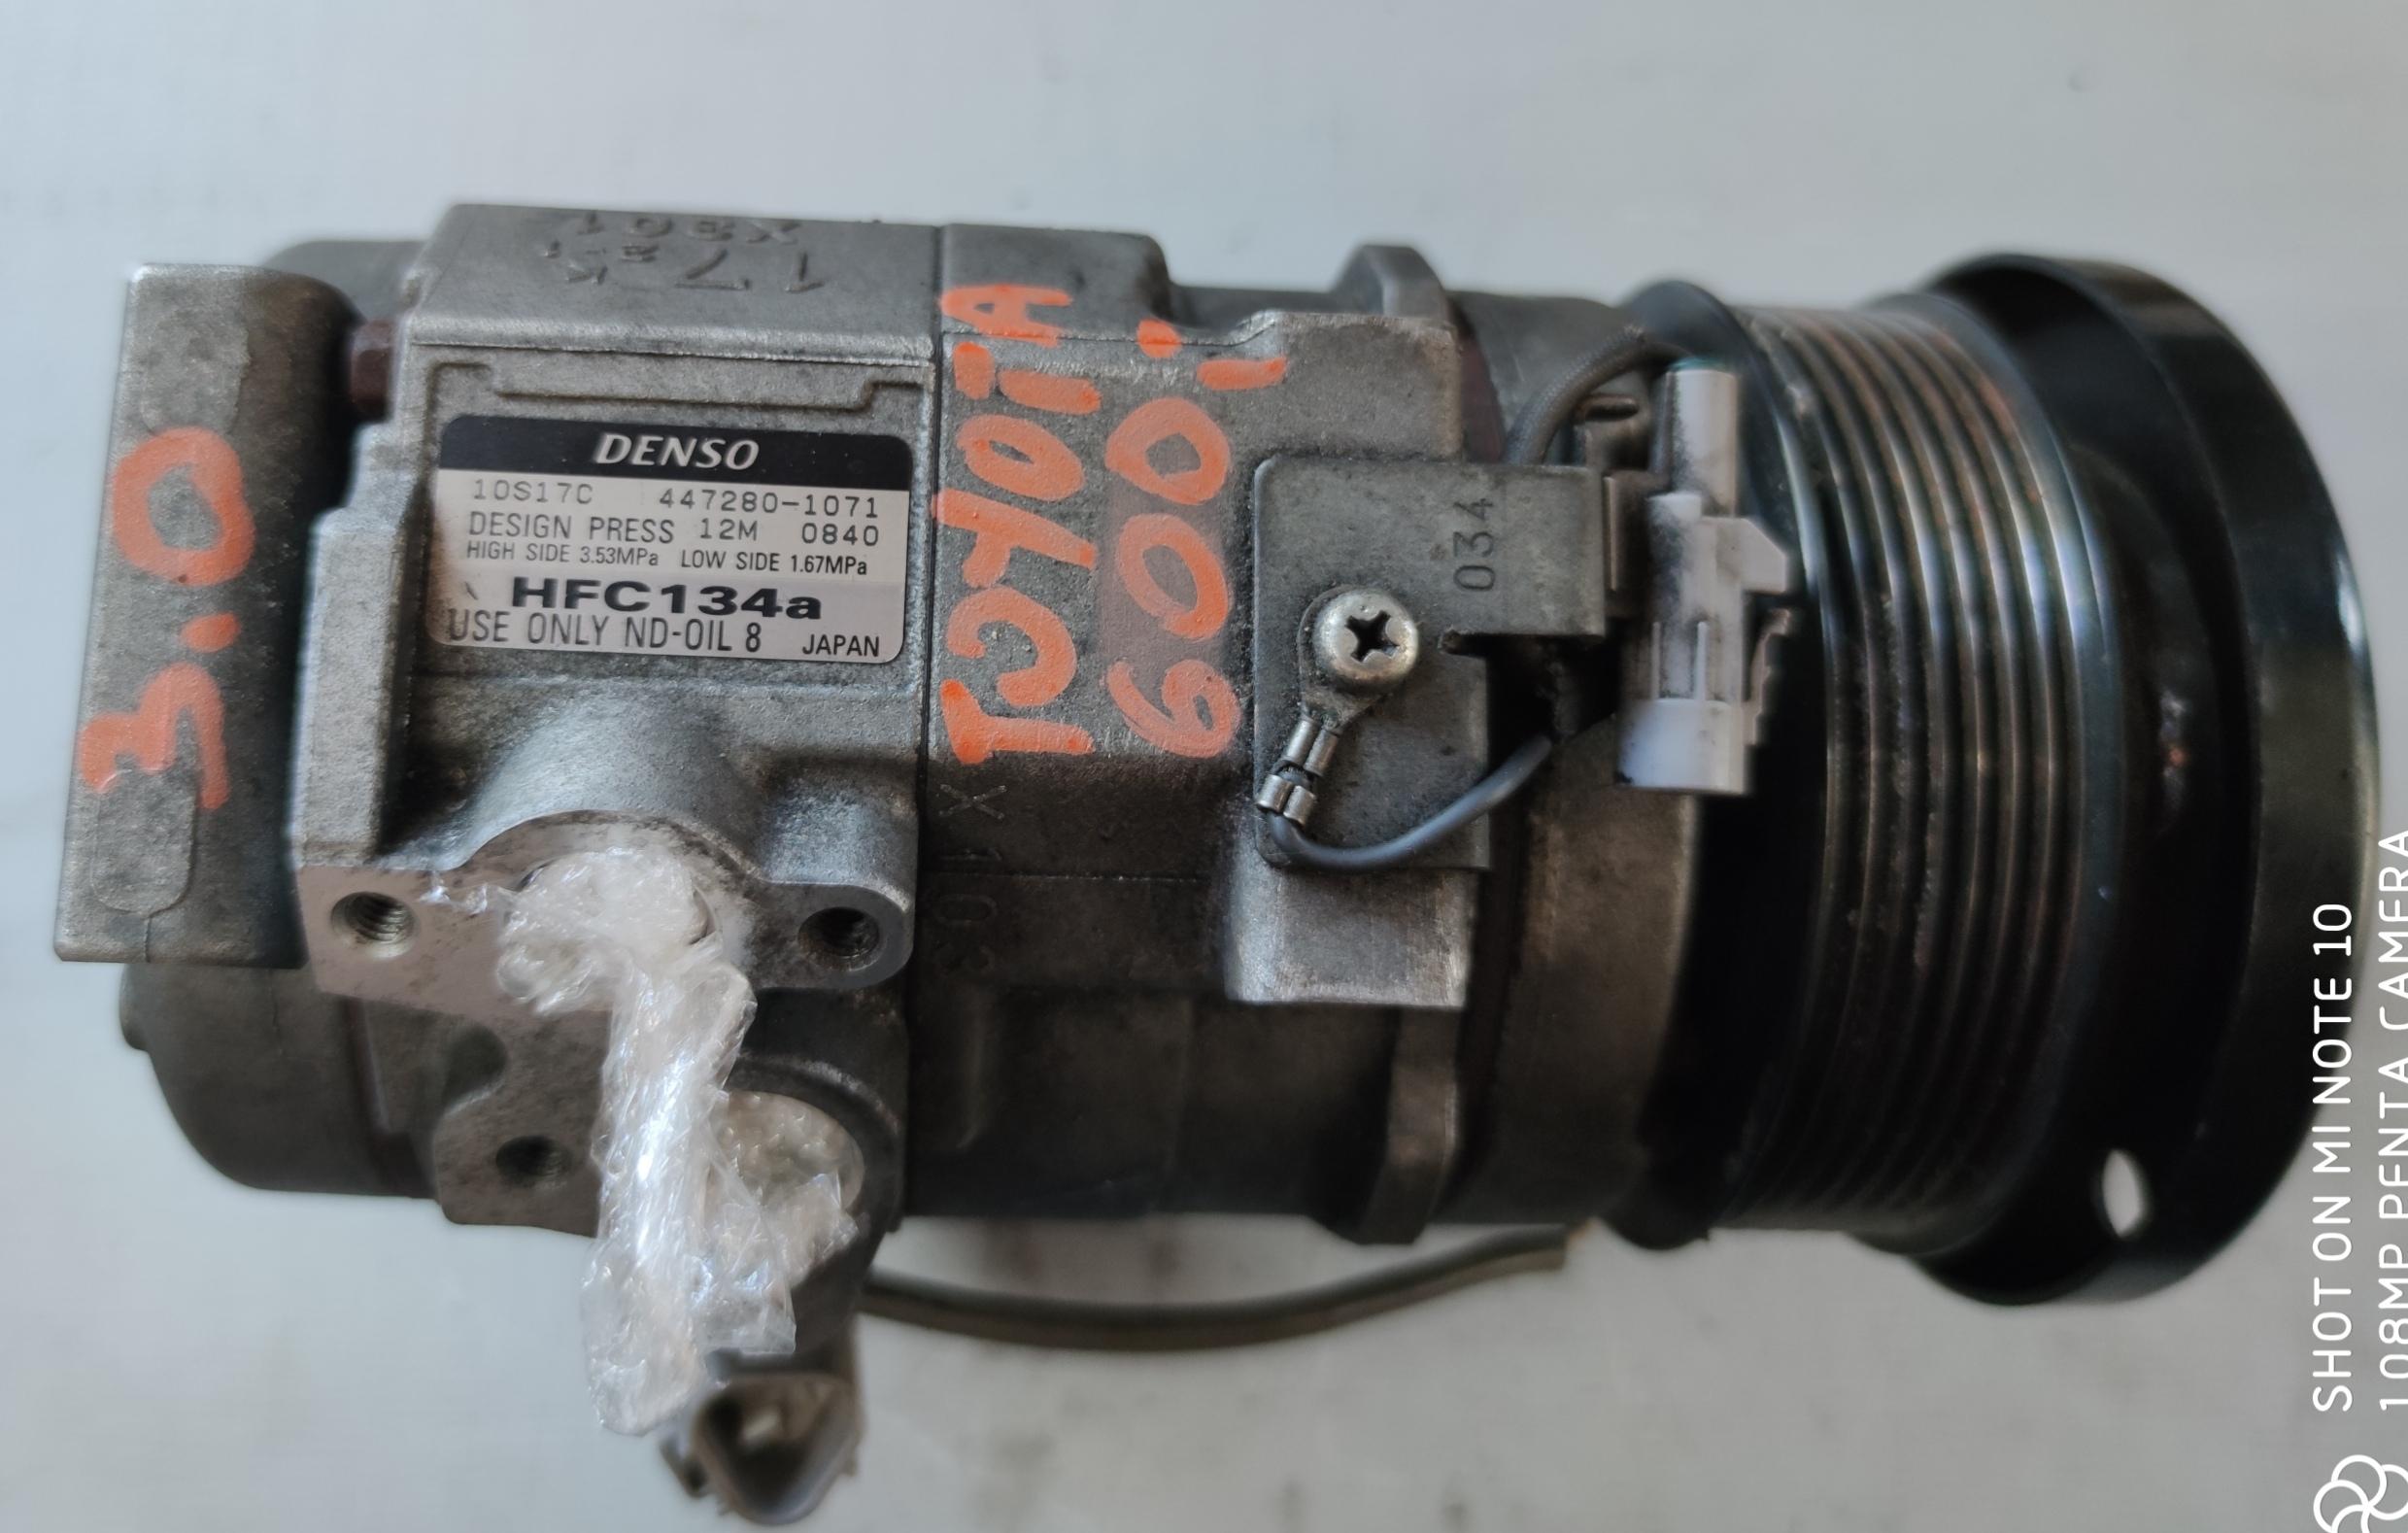 Sprężarka Klimatyzacji Toyota 3.0 447280-1071